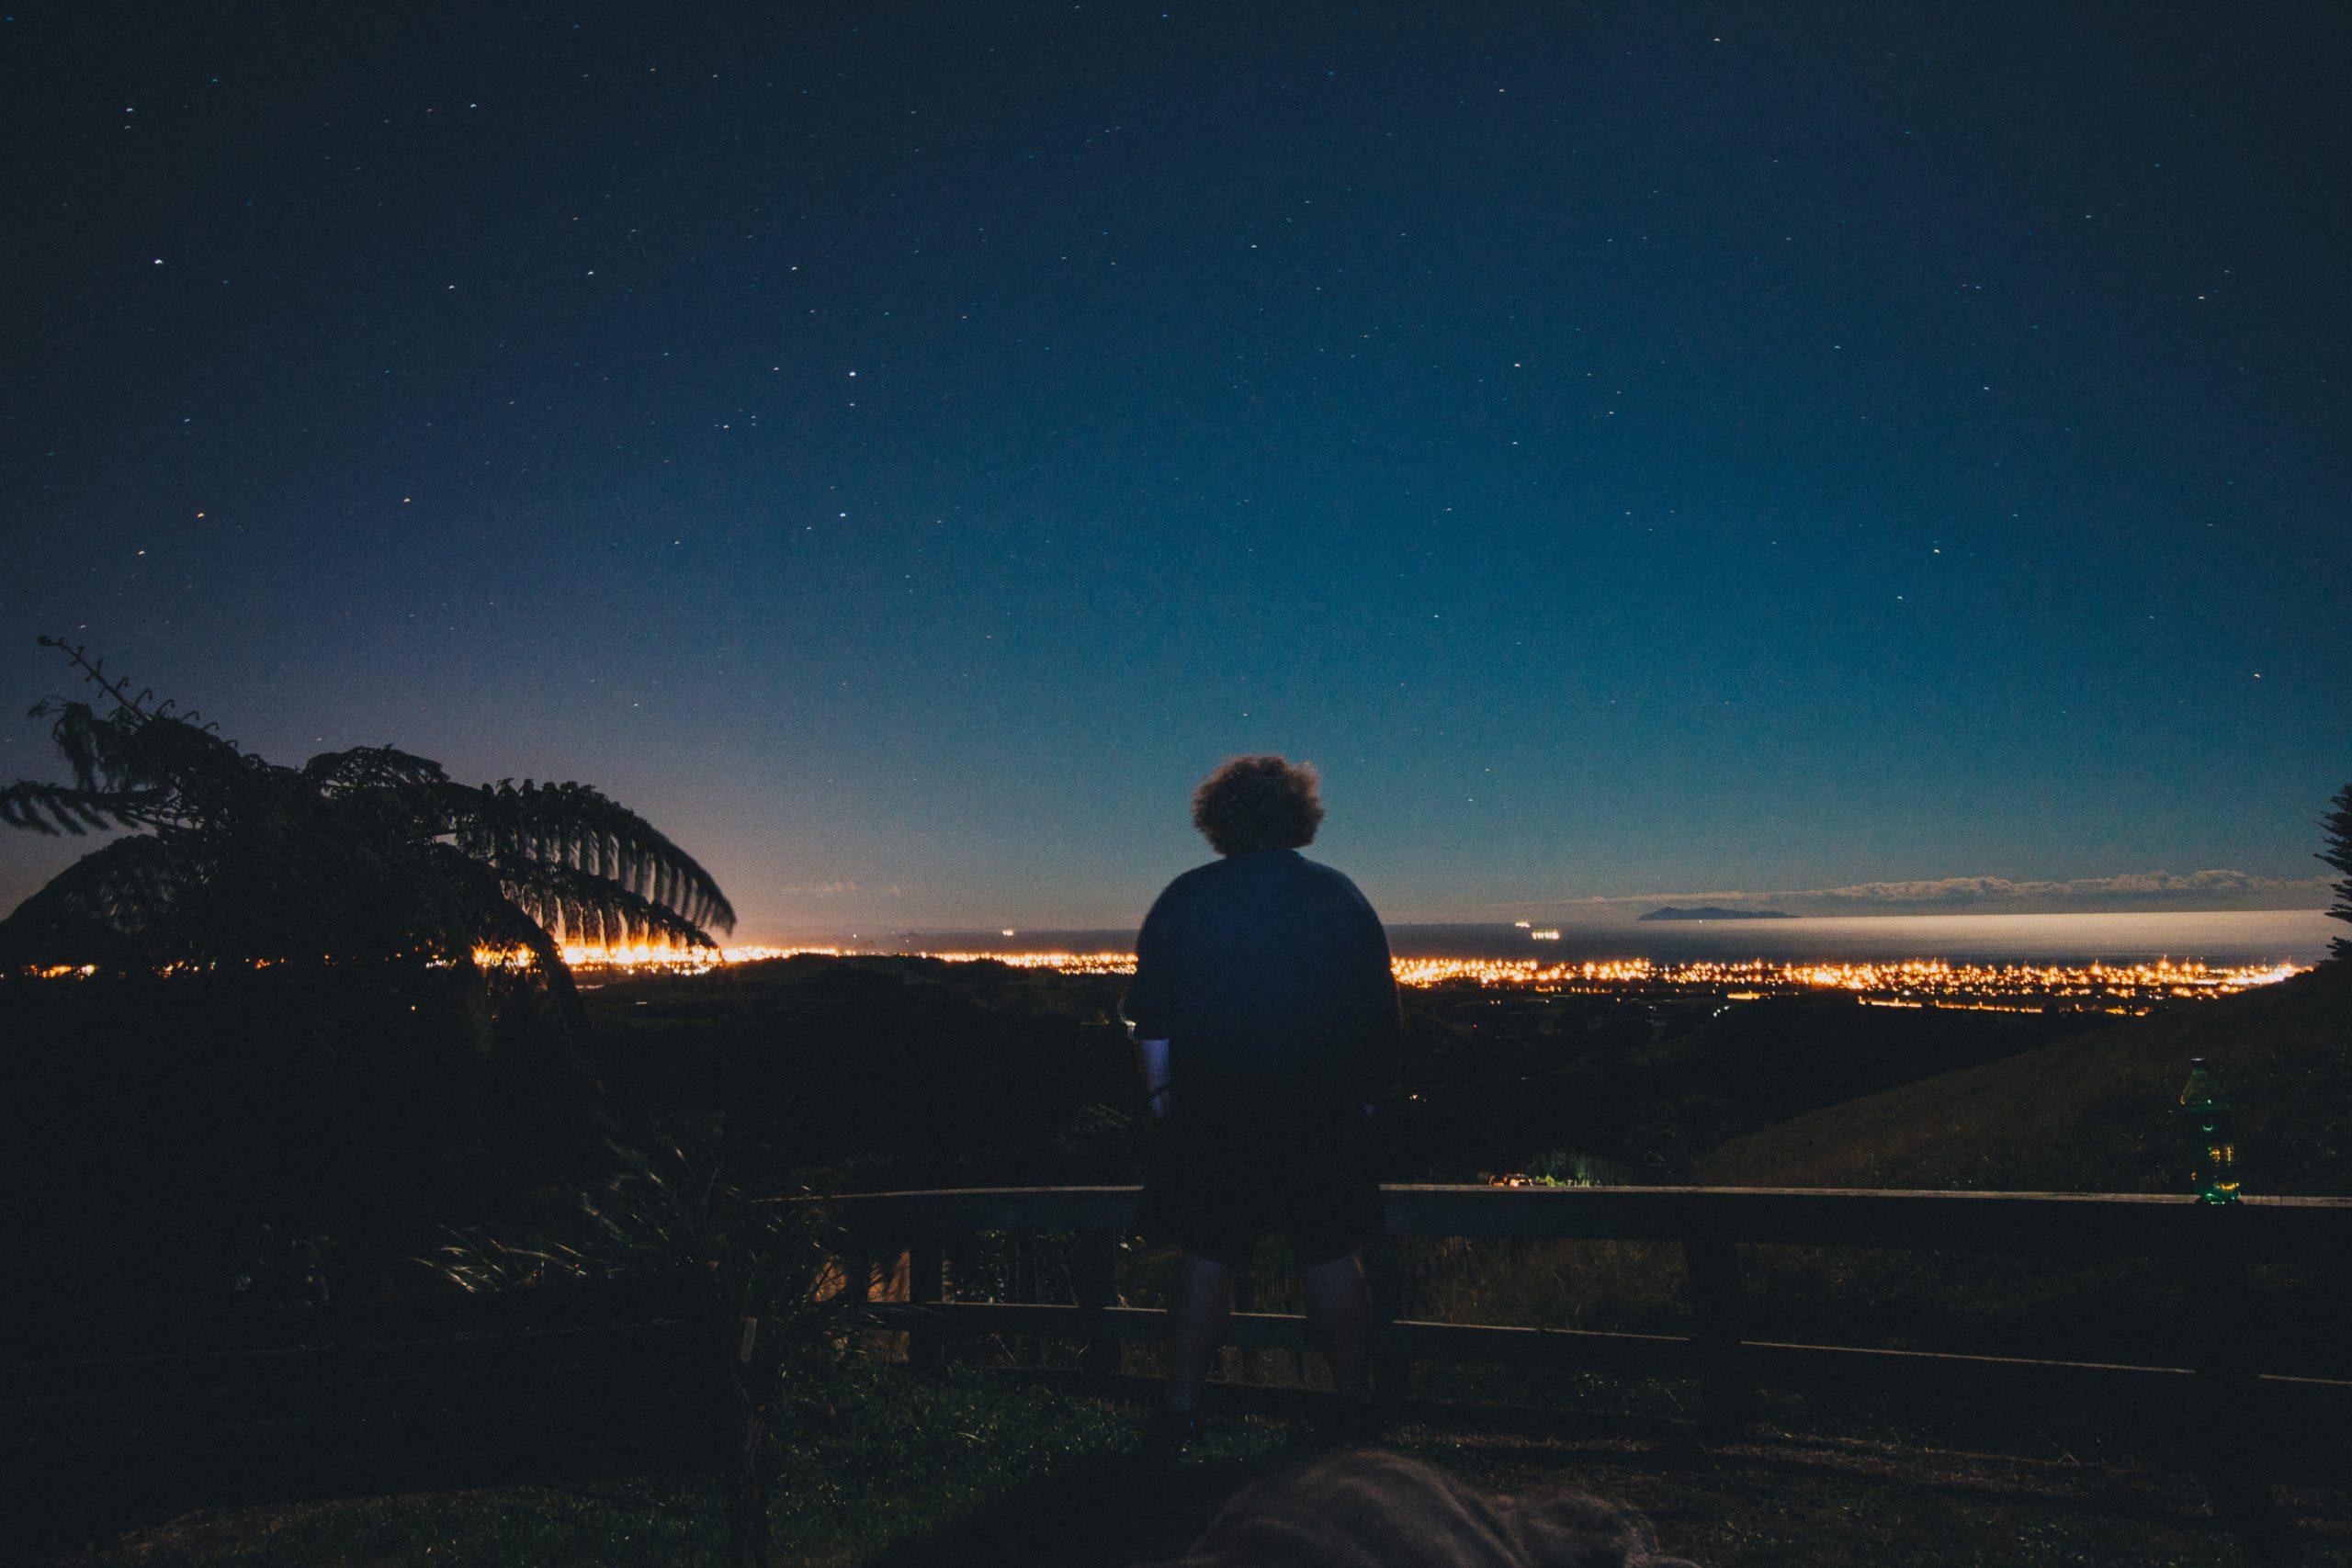 La notte oscura dell'anima